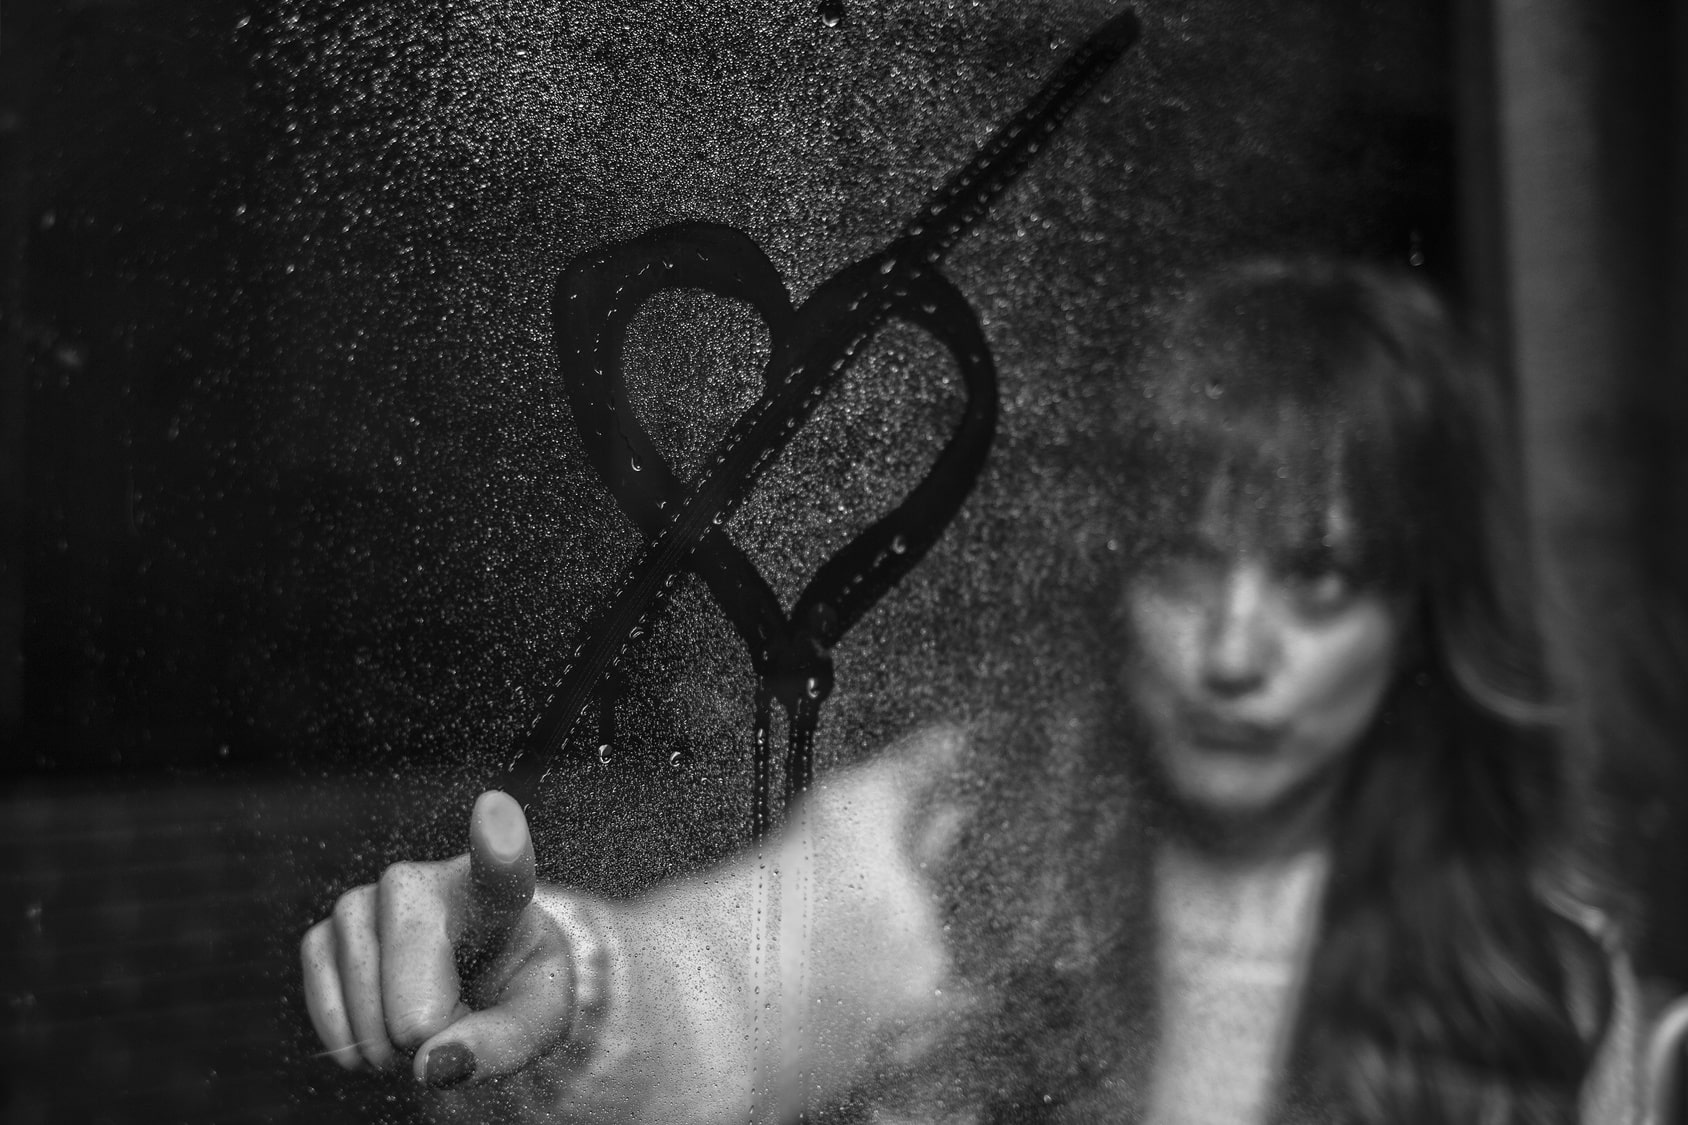 Mulher desenhando um coração riscado no vidro molhado.